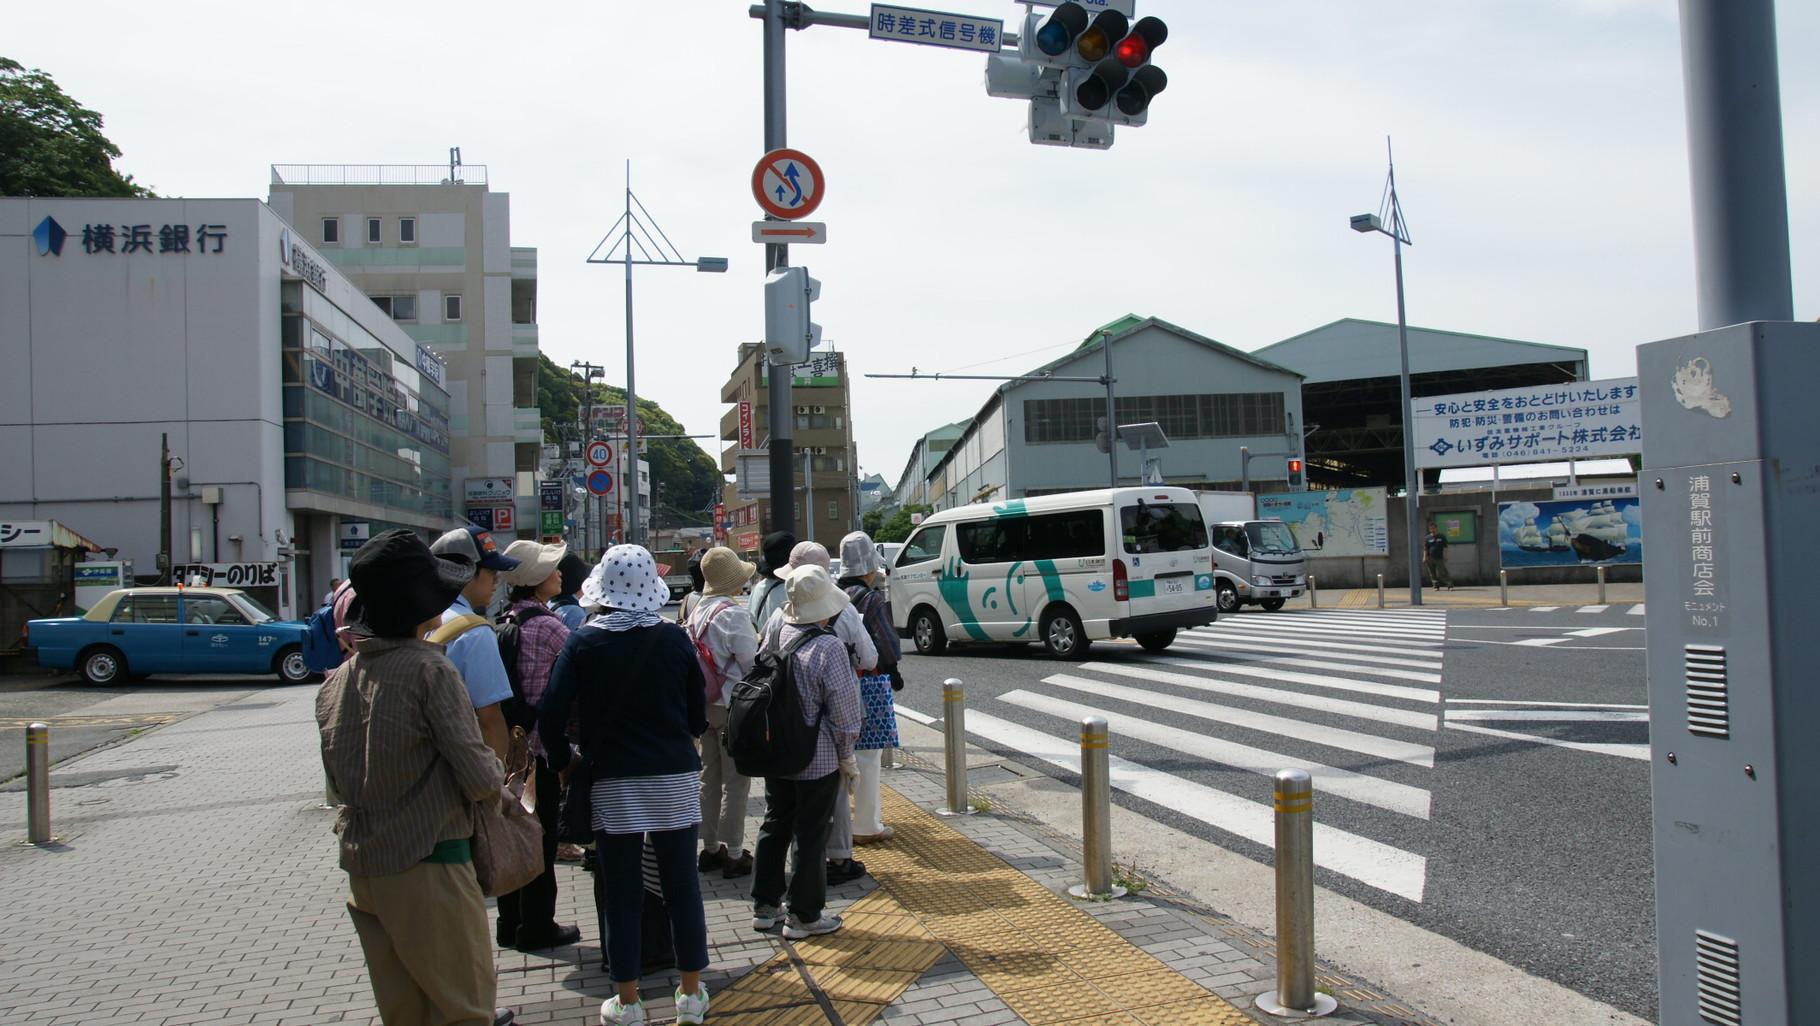 グループに分かれて浦賀の駅を出発です